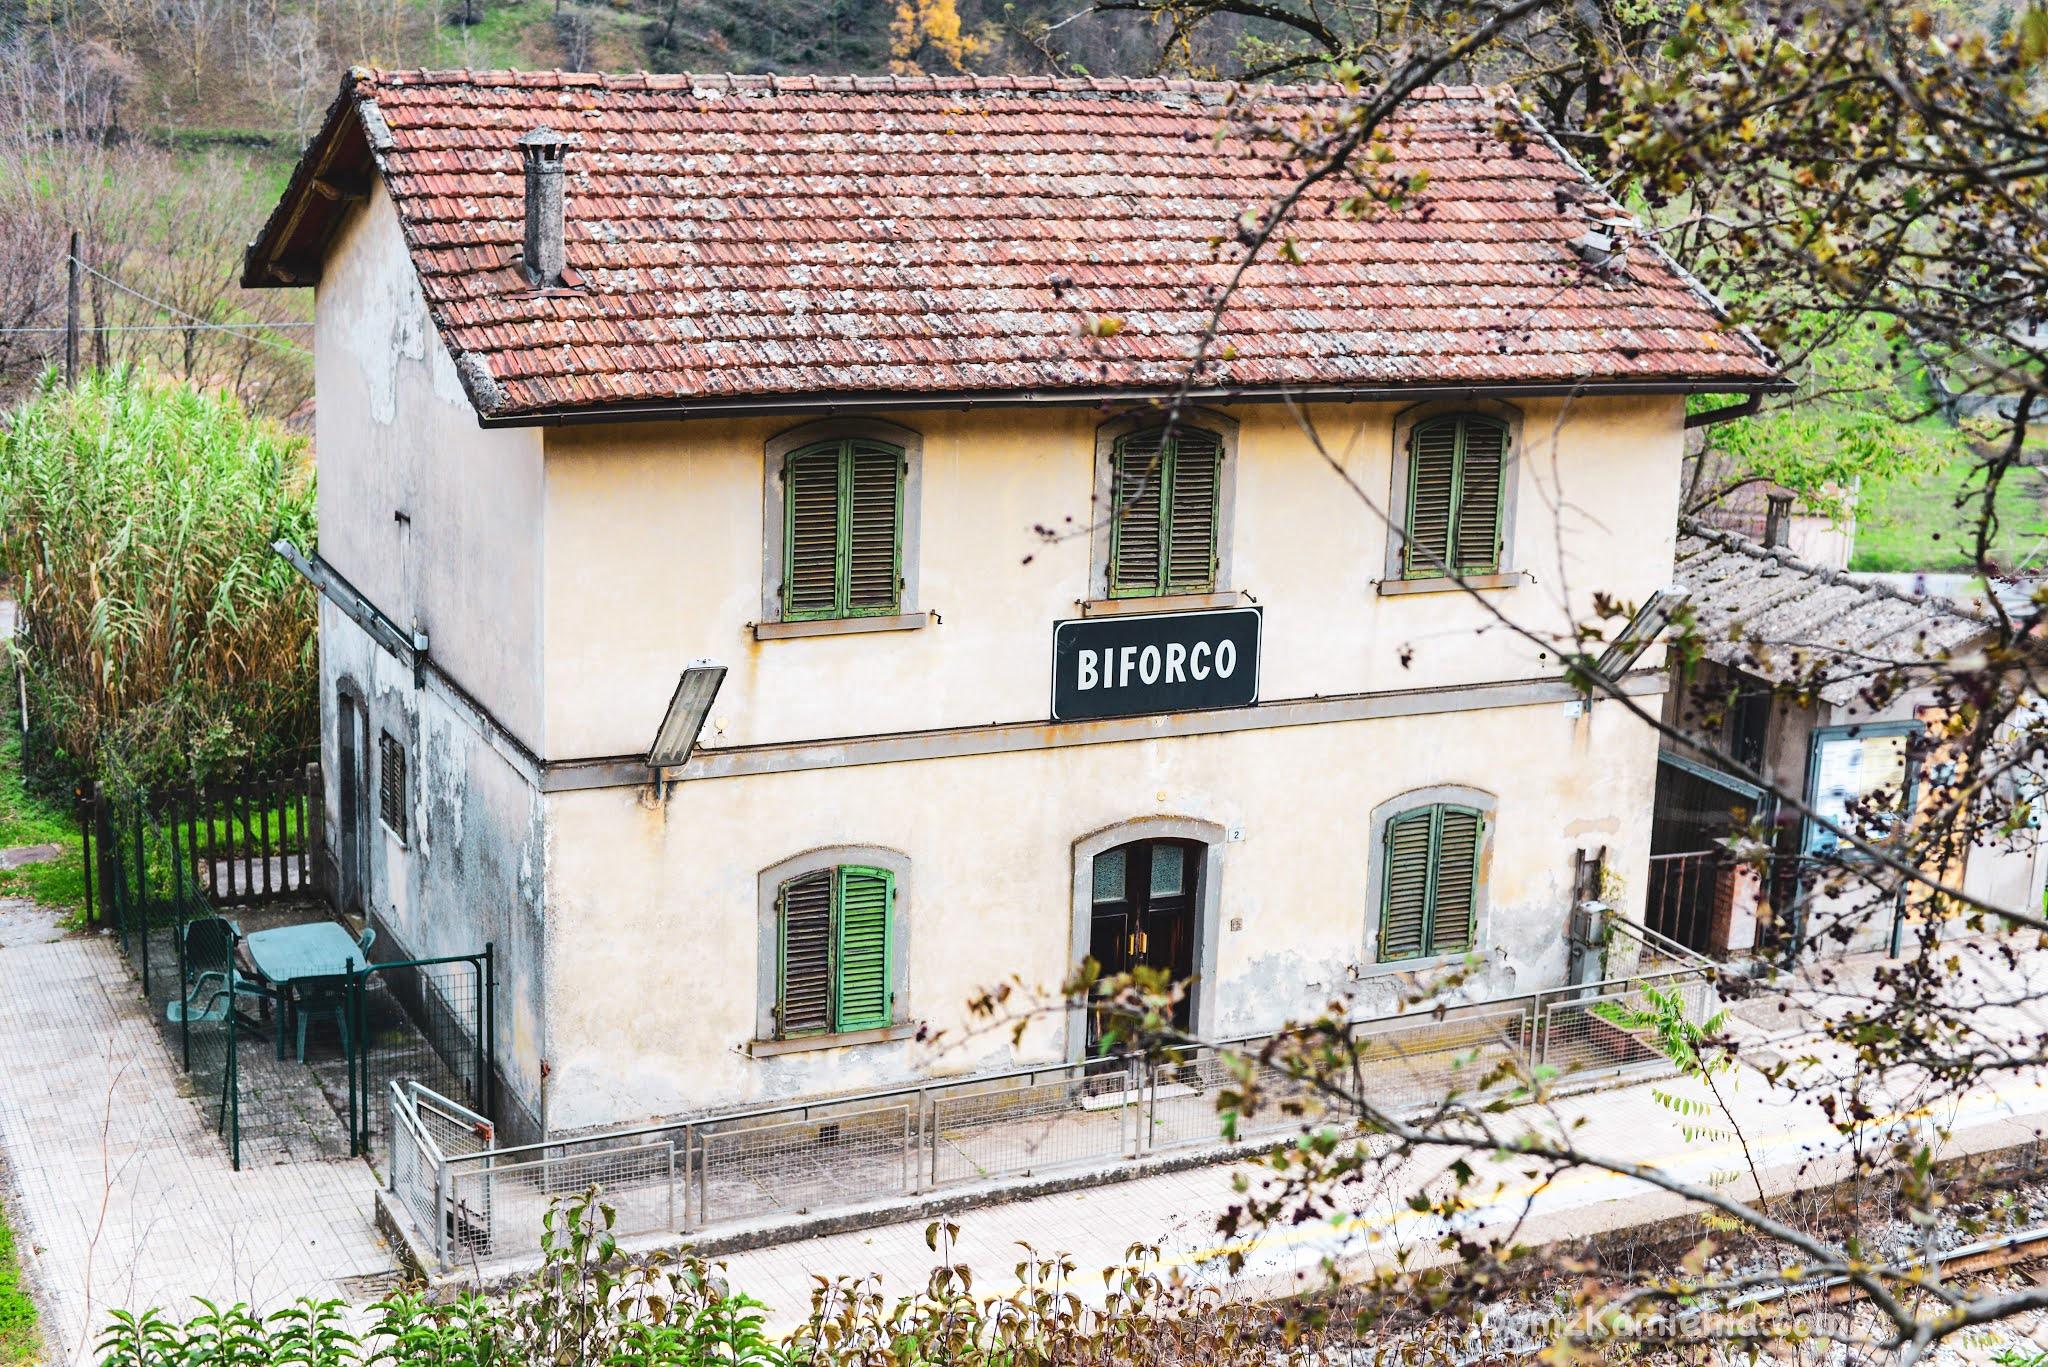 Dom z Kamienia blog, Marradi, Toskania nieznana